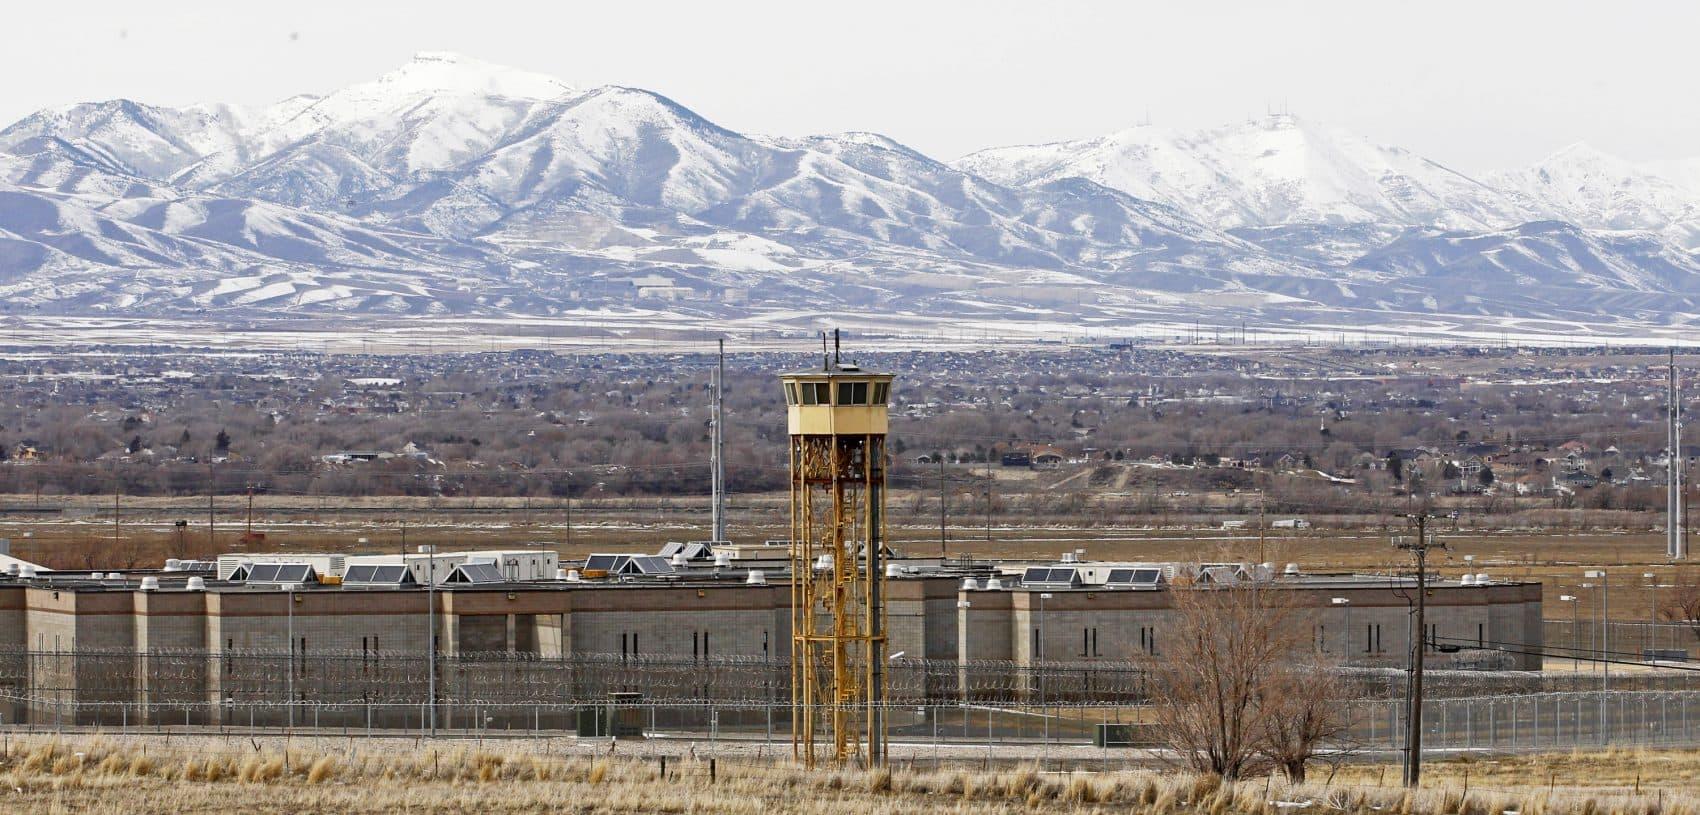 This Feb. 19, 2013, file photo, shows the Utah State Prison in Draper, Utah. (Rick Bowmer, File/AP)